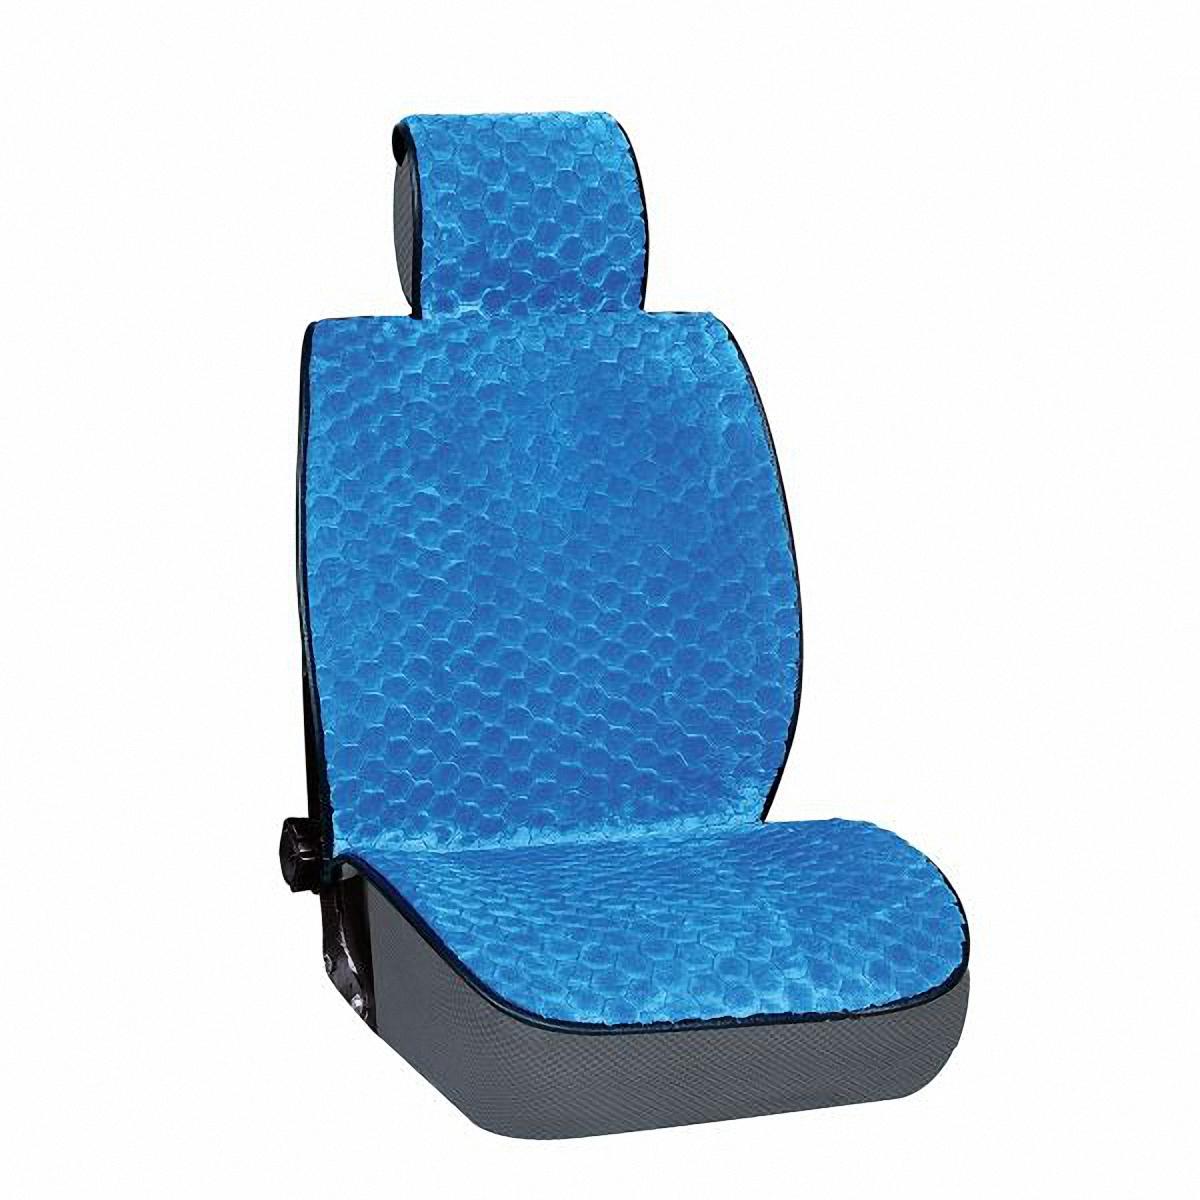 Накидка на сиденье Skyway, цвет: синий. S03001024CA-3505Накидка на сиденье Skyway - это изящное сочетание стиля и качества. Выполненные из искусственного меха они расслабляют мышцы спины при поездке, благотворно влияя на позвоночник. Так просто получить ощущение легкого массажа. С ними салон становится уютнее, а сами сидения - удобнее.